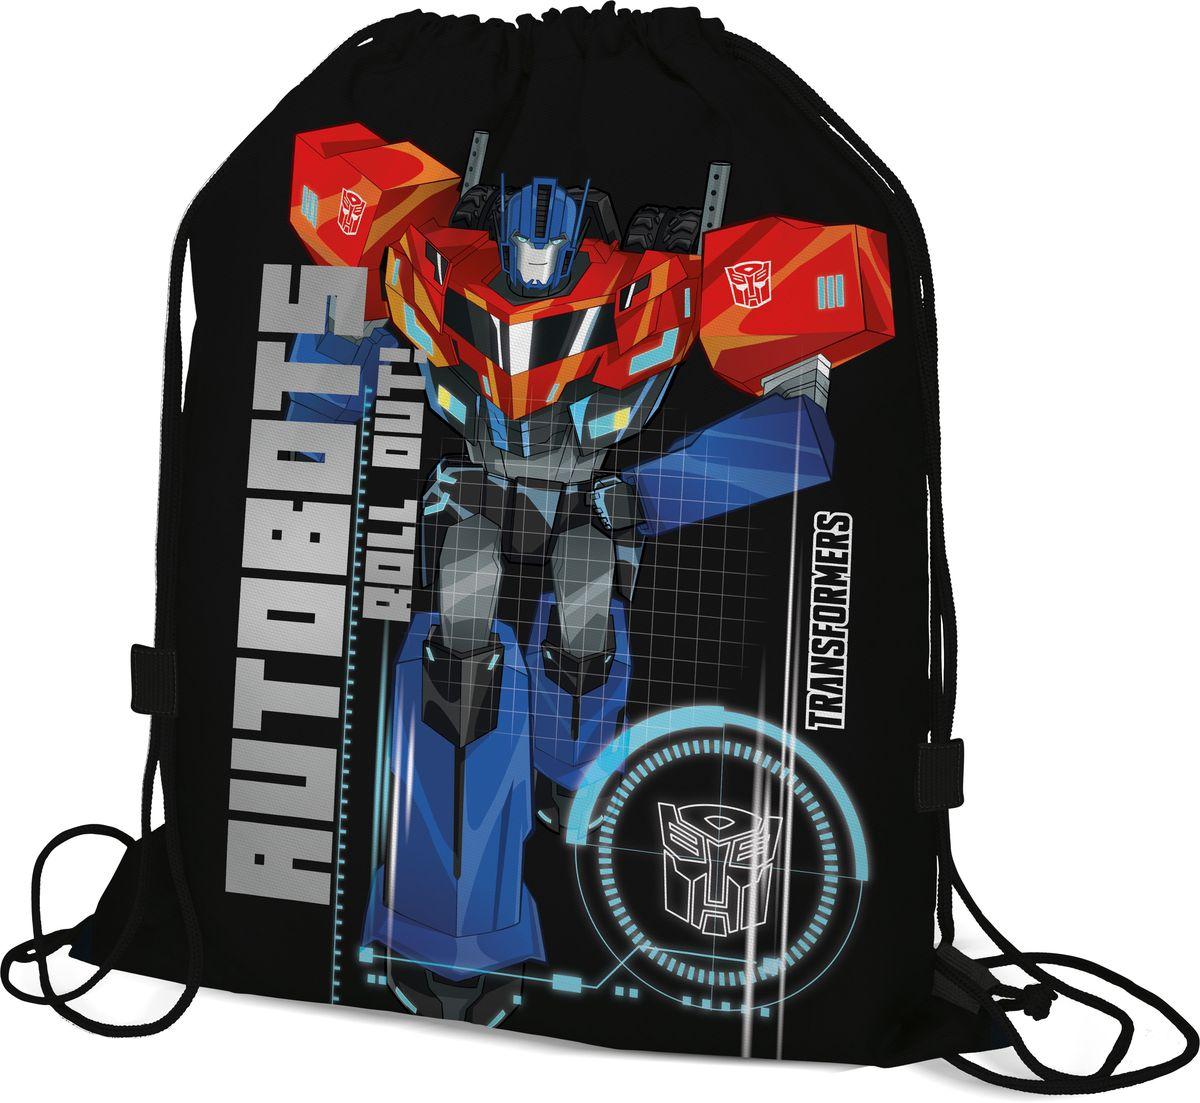 Transformers Мешок для сменной обуви Autobots Roll Out!72523WDМешок для обуви Transformers Autobots Roll Out! изготовлен из прочного полиэстера. Мешок имеет одно отделение, закрывающееся стягивающимся шнуром. Плотная прочная ткань надежно защитит обувь школьника от непогоды, а удобные петли шнура позволят носить мешок, как в руках, так и за спиной.